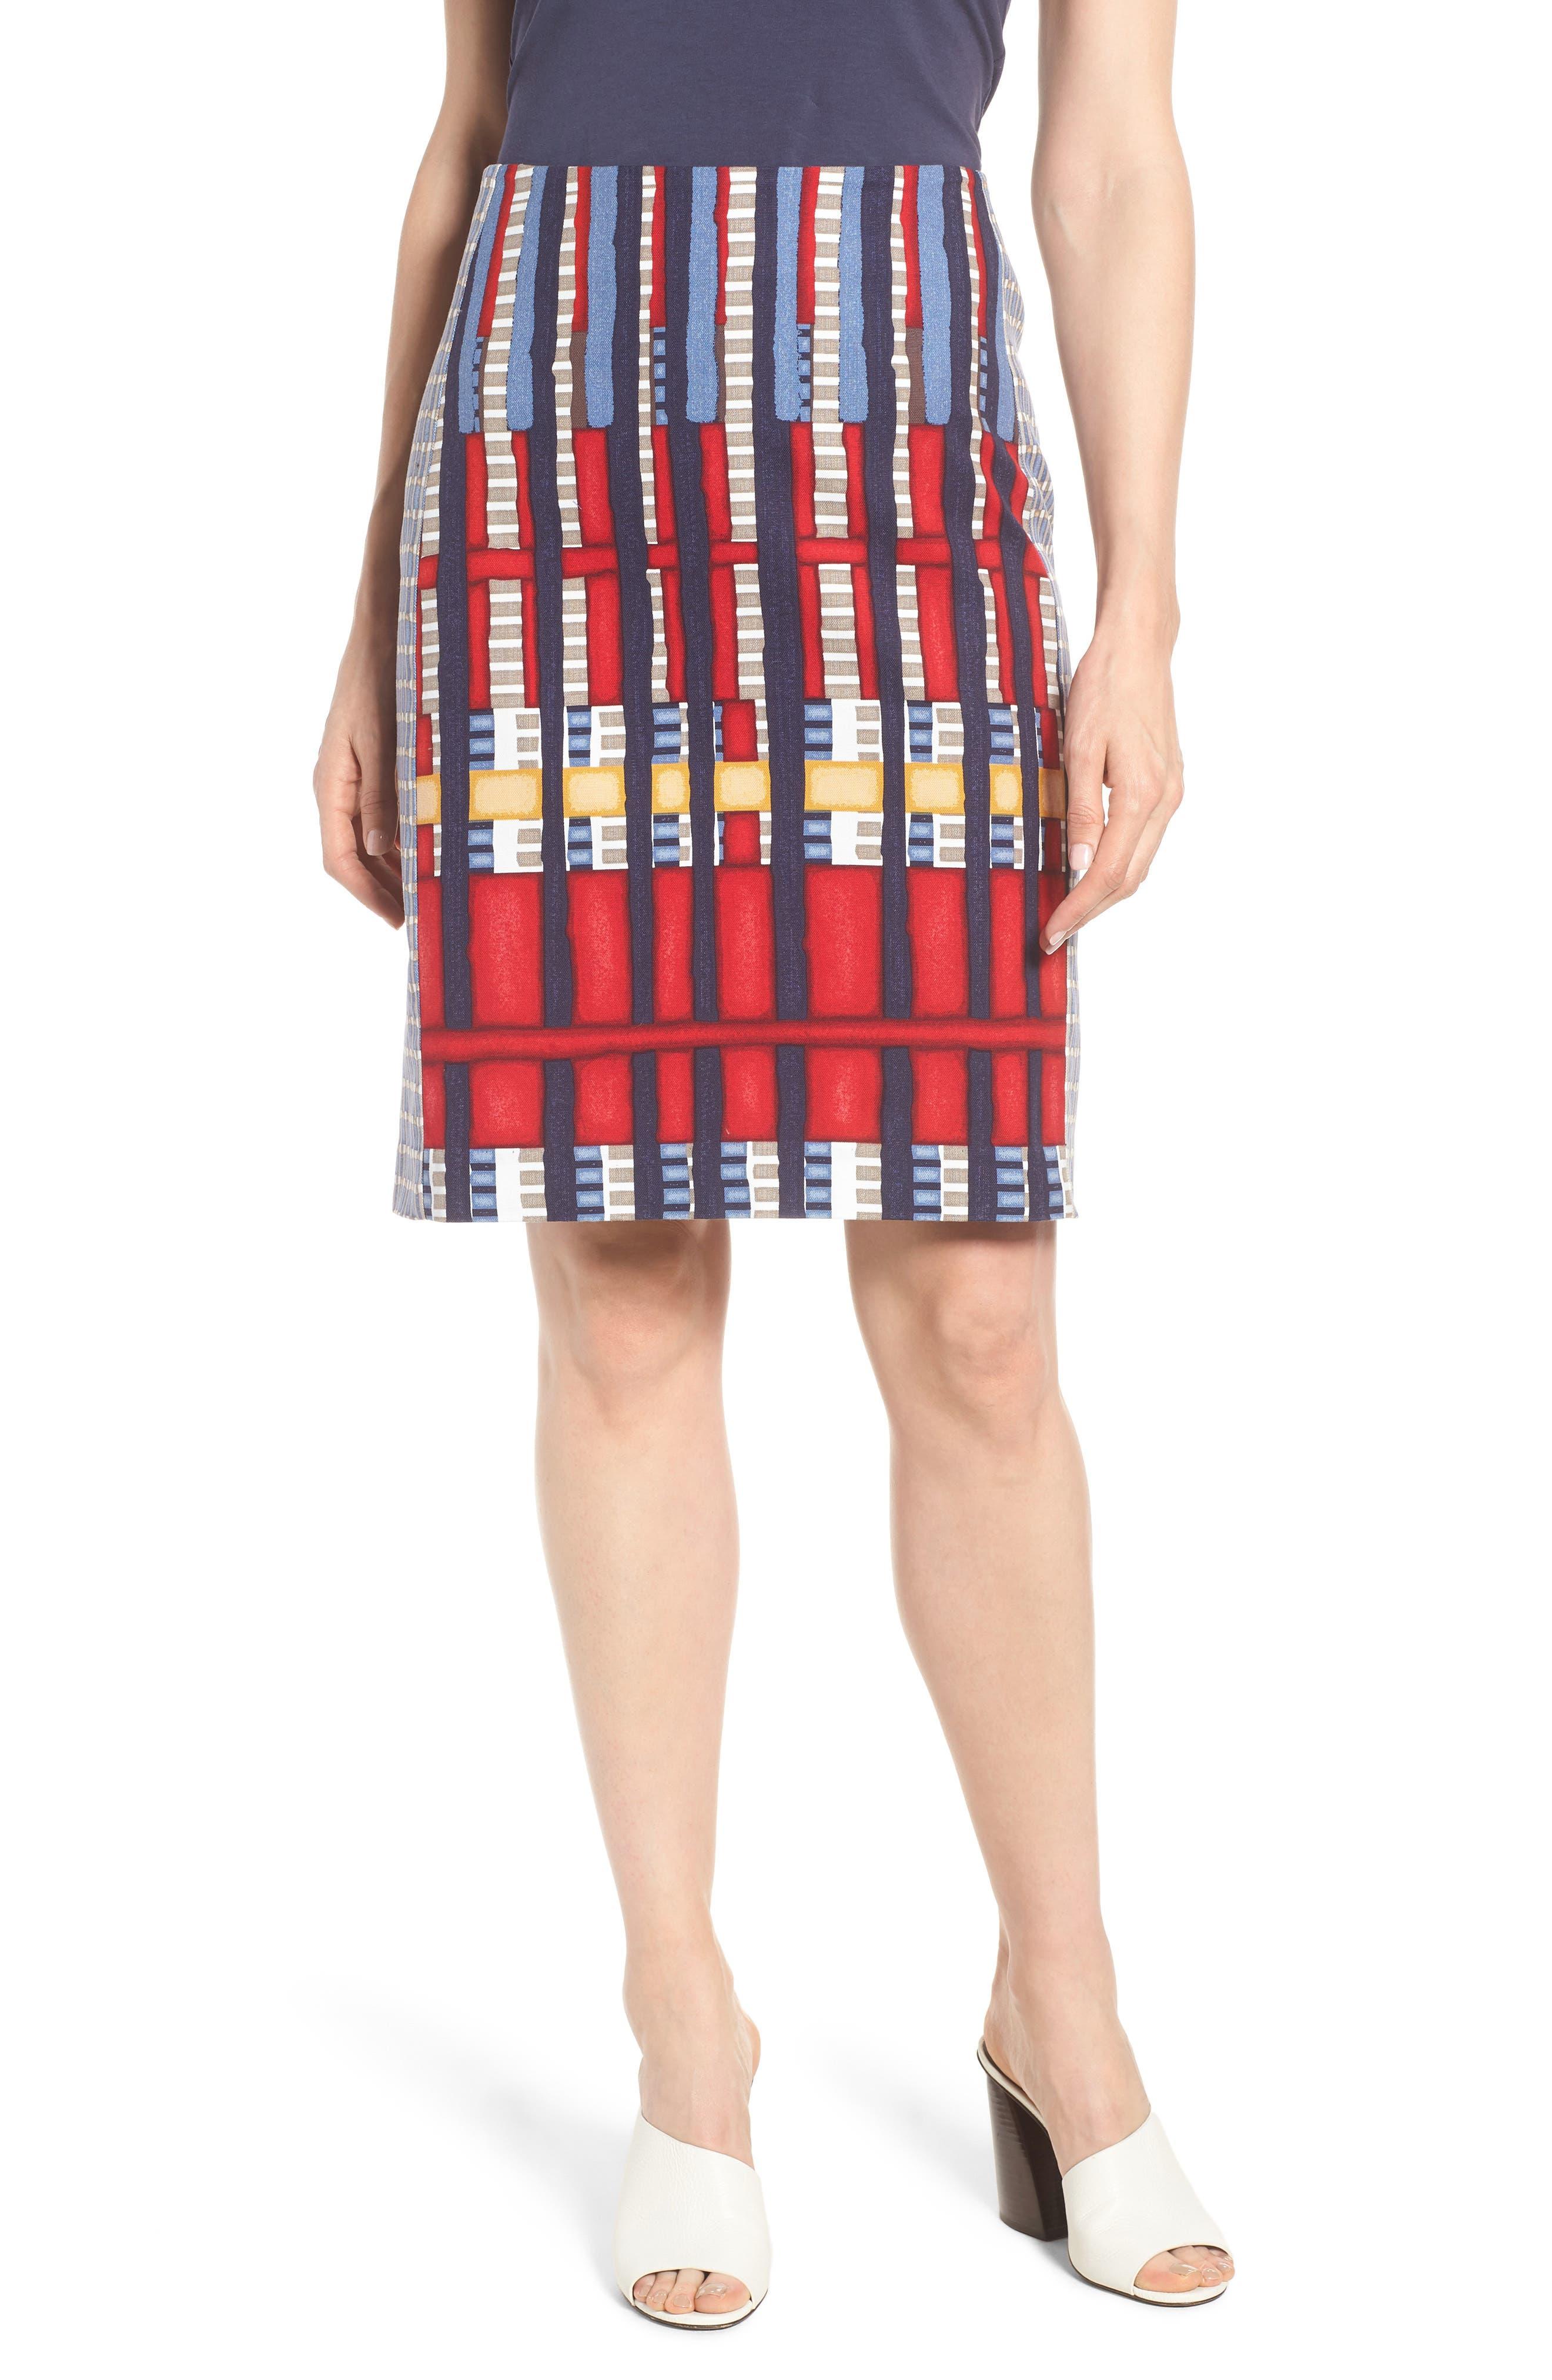 Santiago Hills Block Skirt,                         Main,                         color, Multi